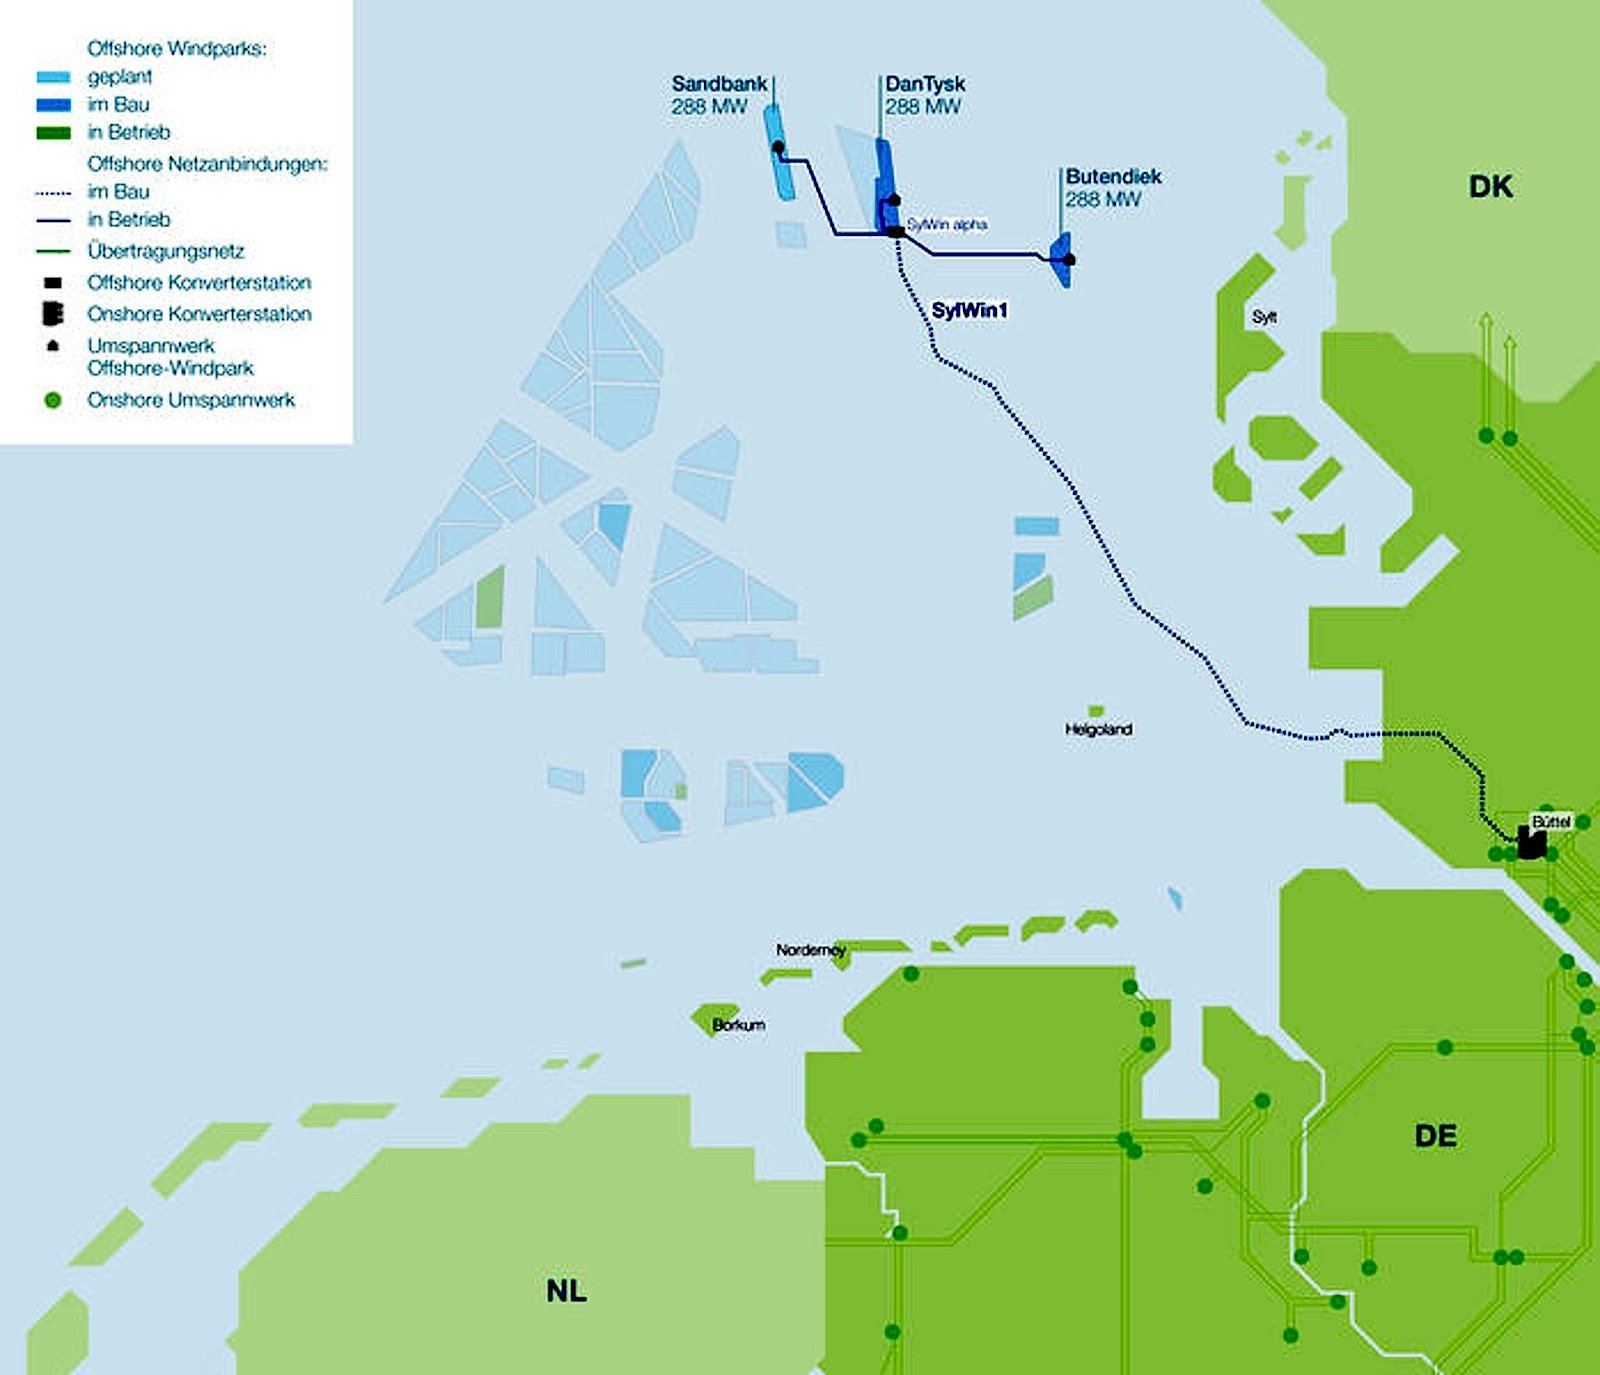 Mit SylWin1 wird die bisher längste und mit 864 MW Kapazität leistungsstärkste Gleichstromanbindung für Offshore-Windparks realisiert.